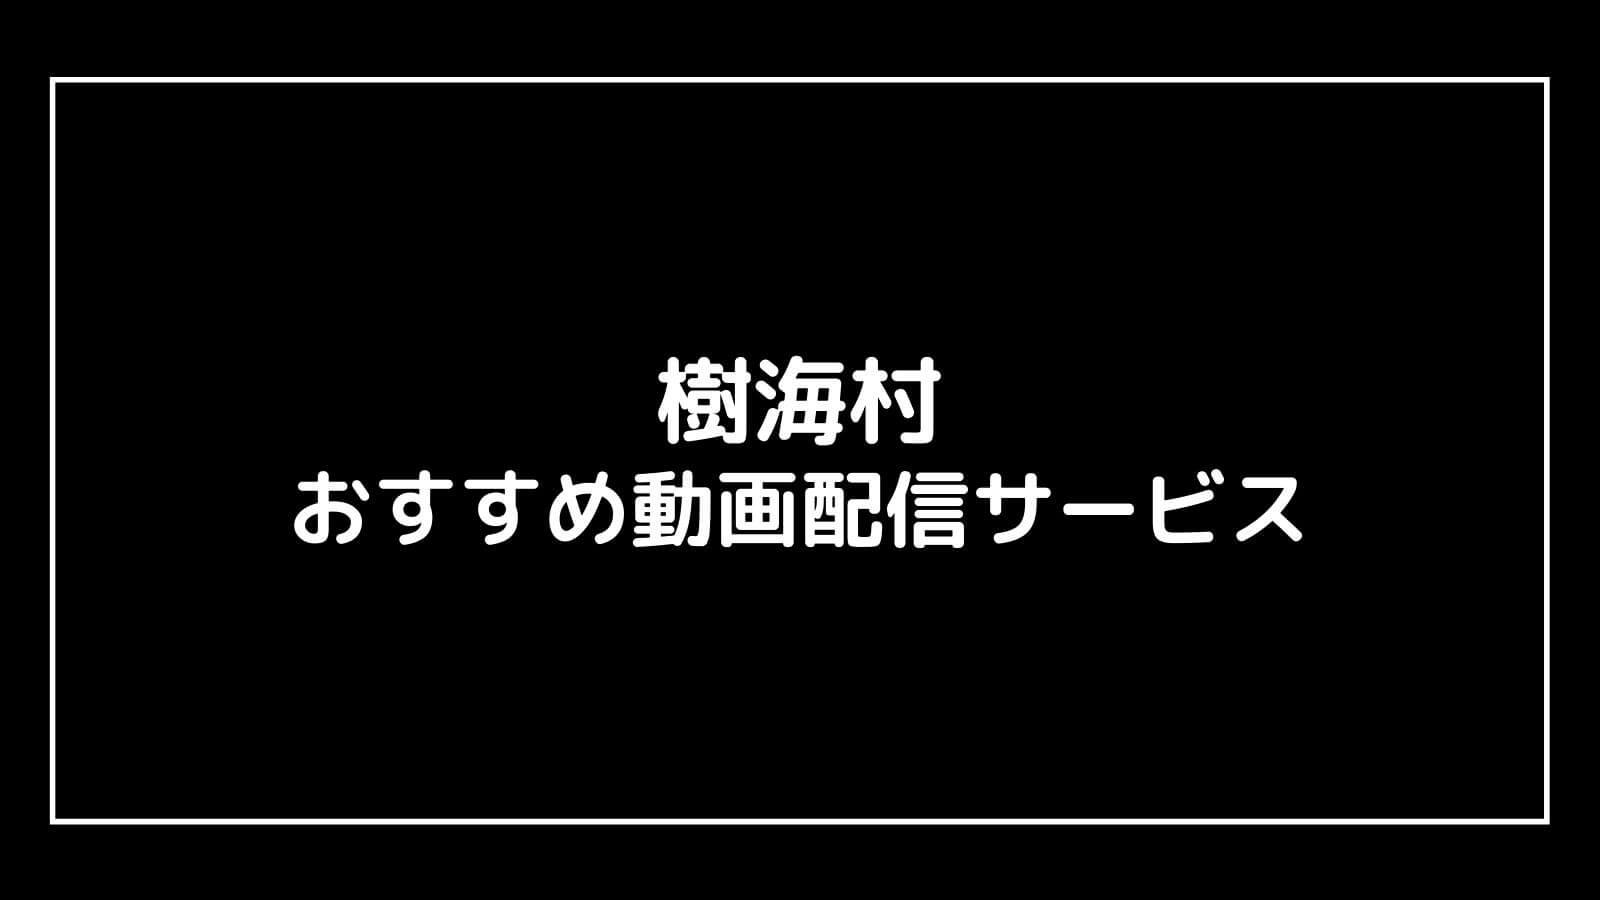 映画『樹海村』を無料視聴できるおすすめ動画配信サービス